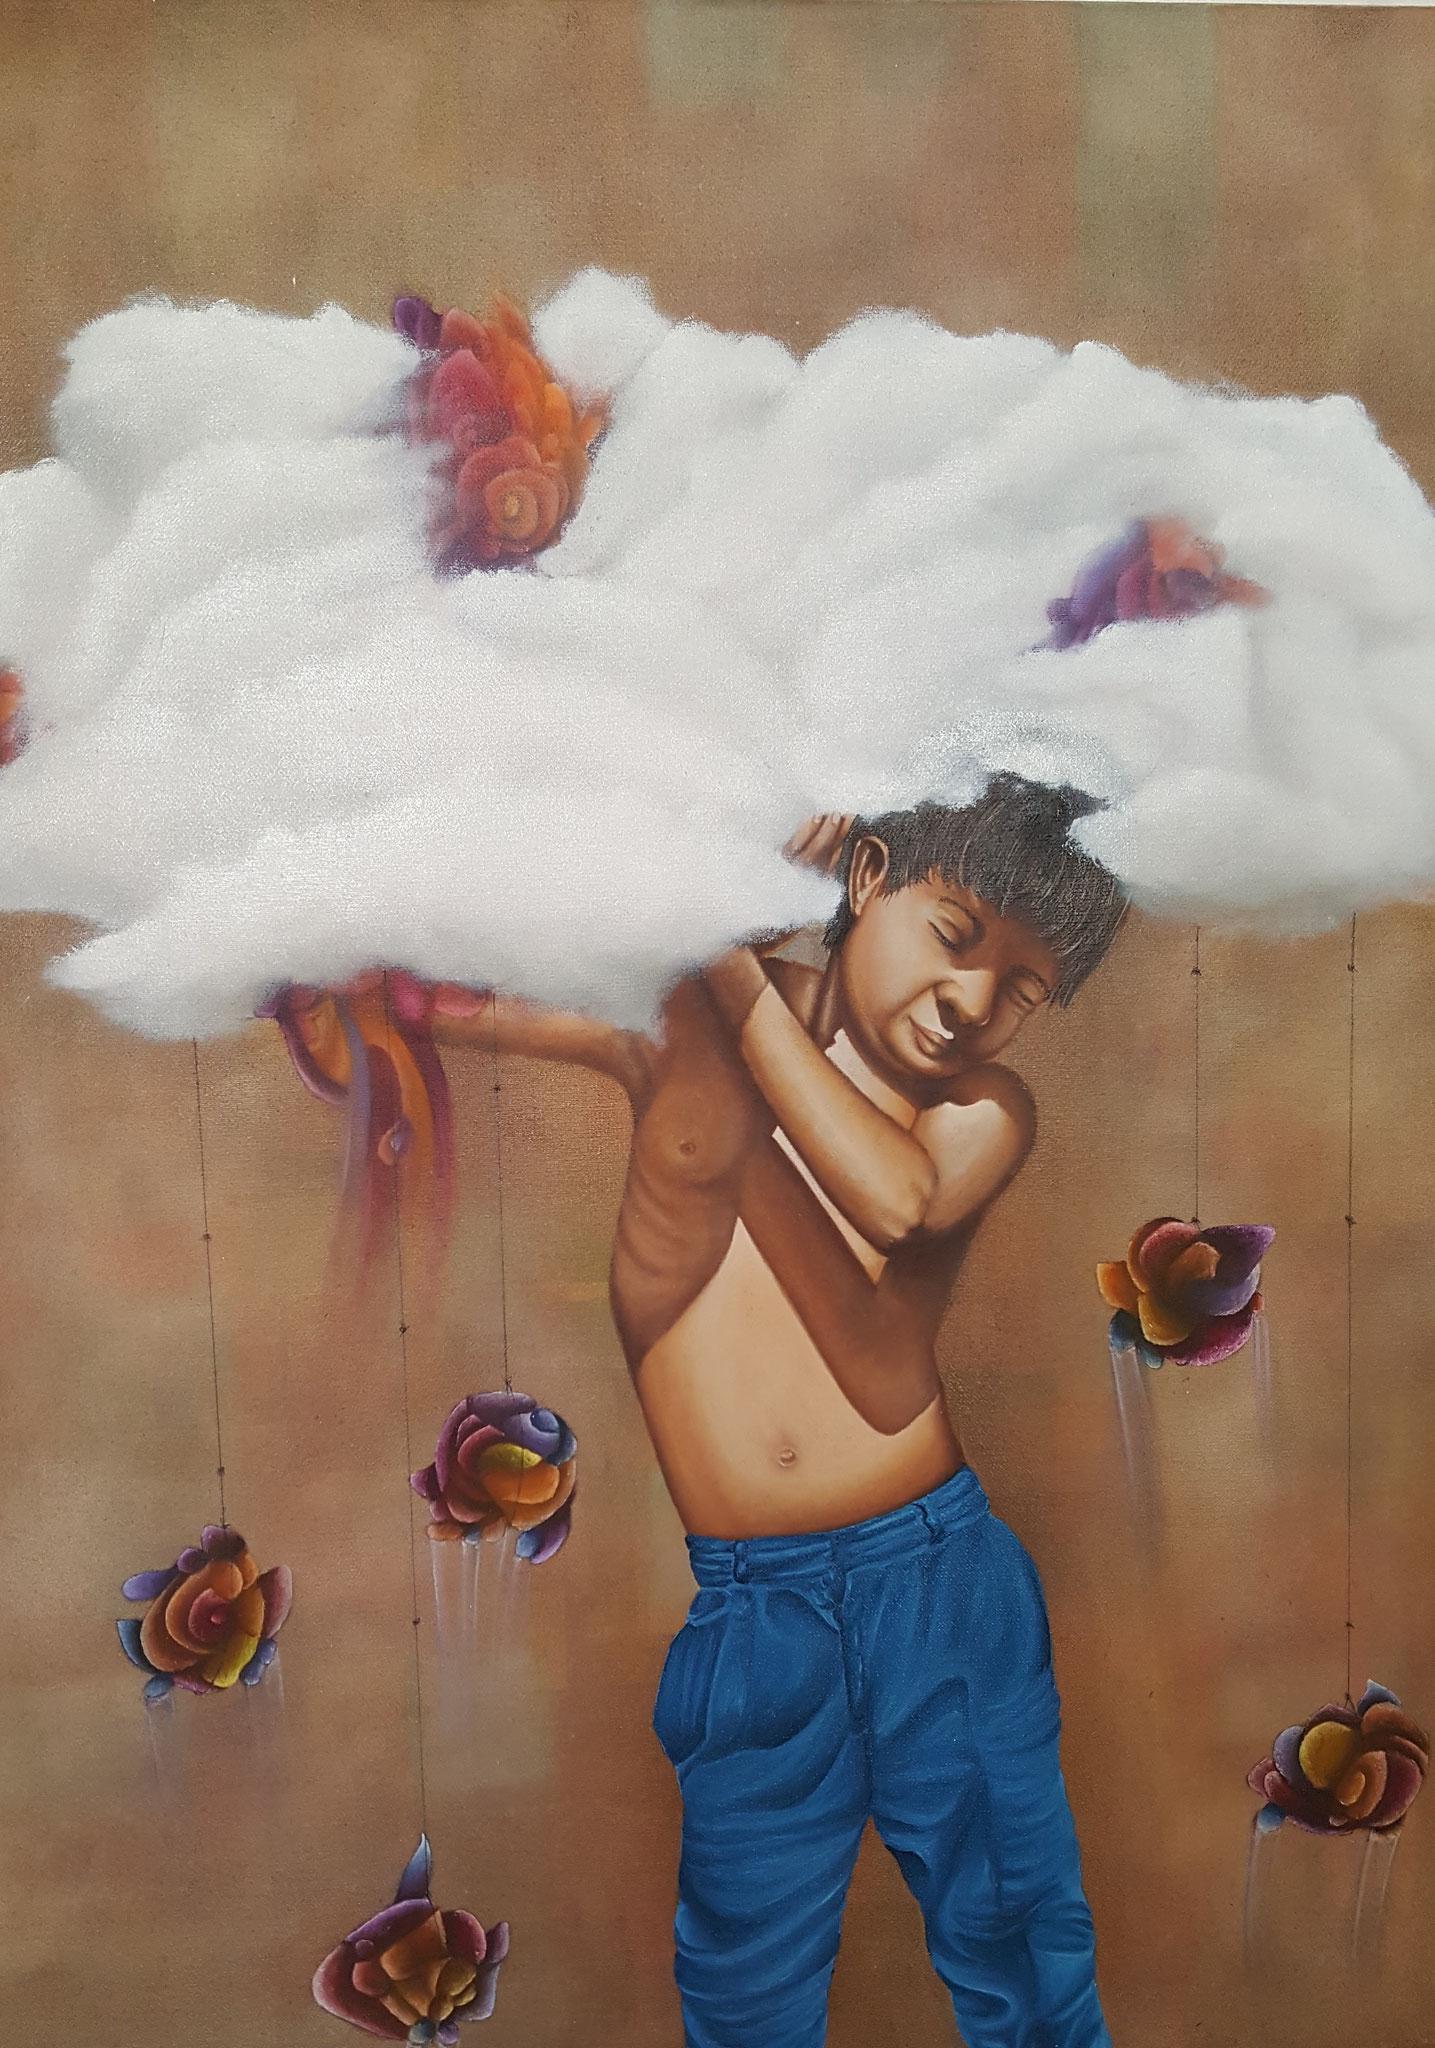 Cargador de sueños IV, 2016, 60 x 80 cm, Óleo sobre lienzo